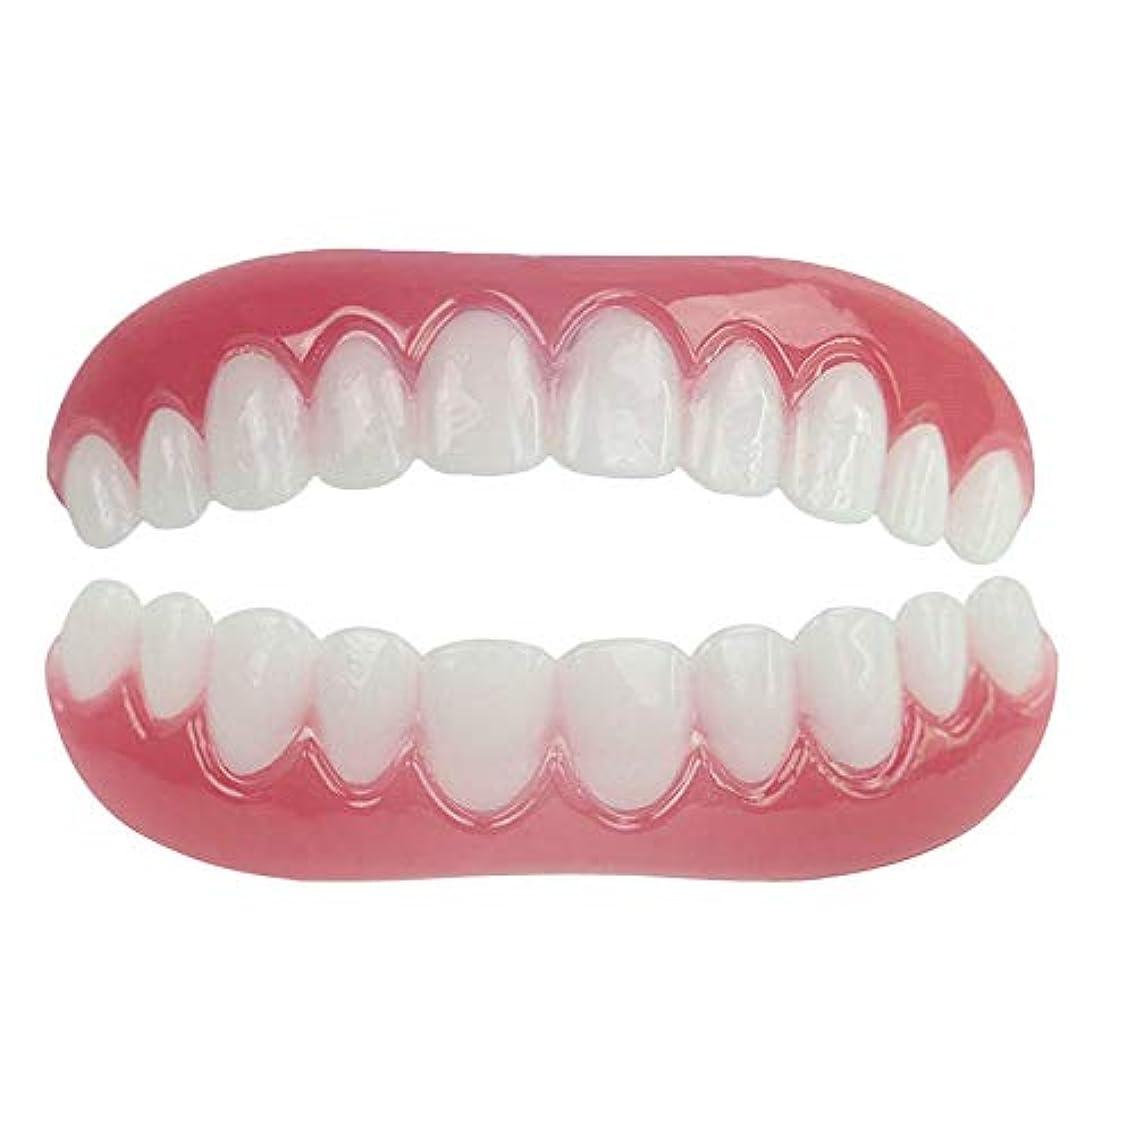 お客様全くベストシリコンシミュレーションの上下の義歯スリーブ、歯科用ベニヤホワイトニングティーセット(2セット),Boxed,UpperLower